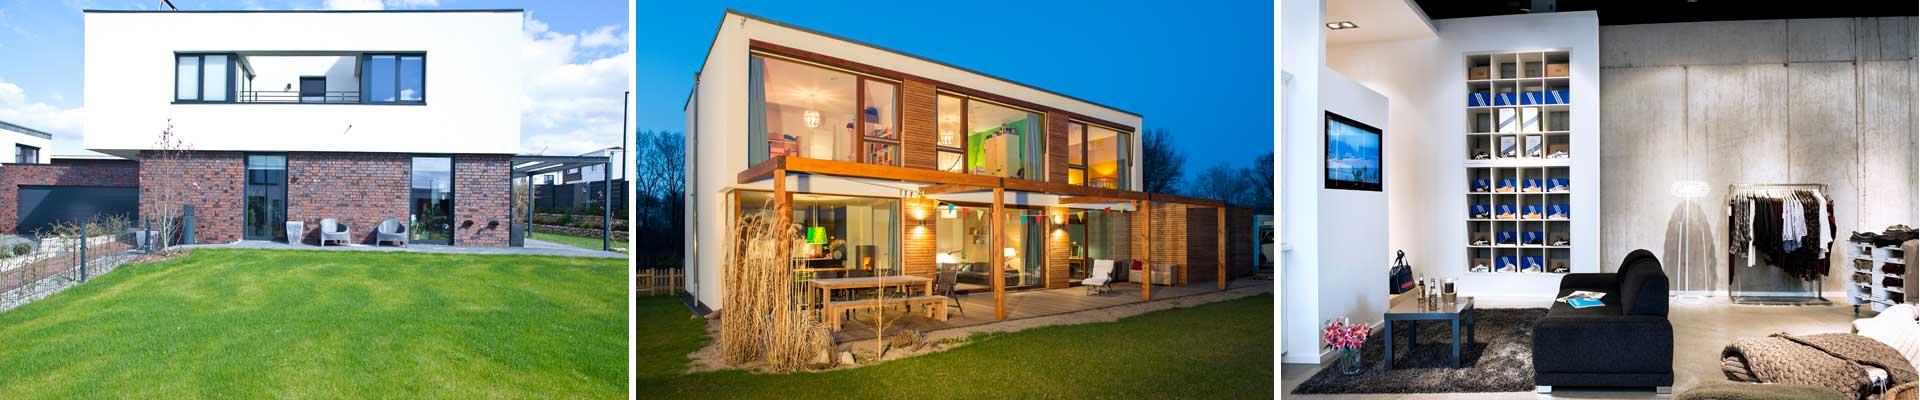 Laura Hirsch Architektin Hamburg 1